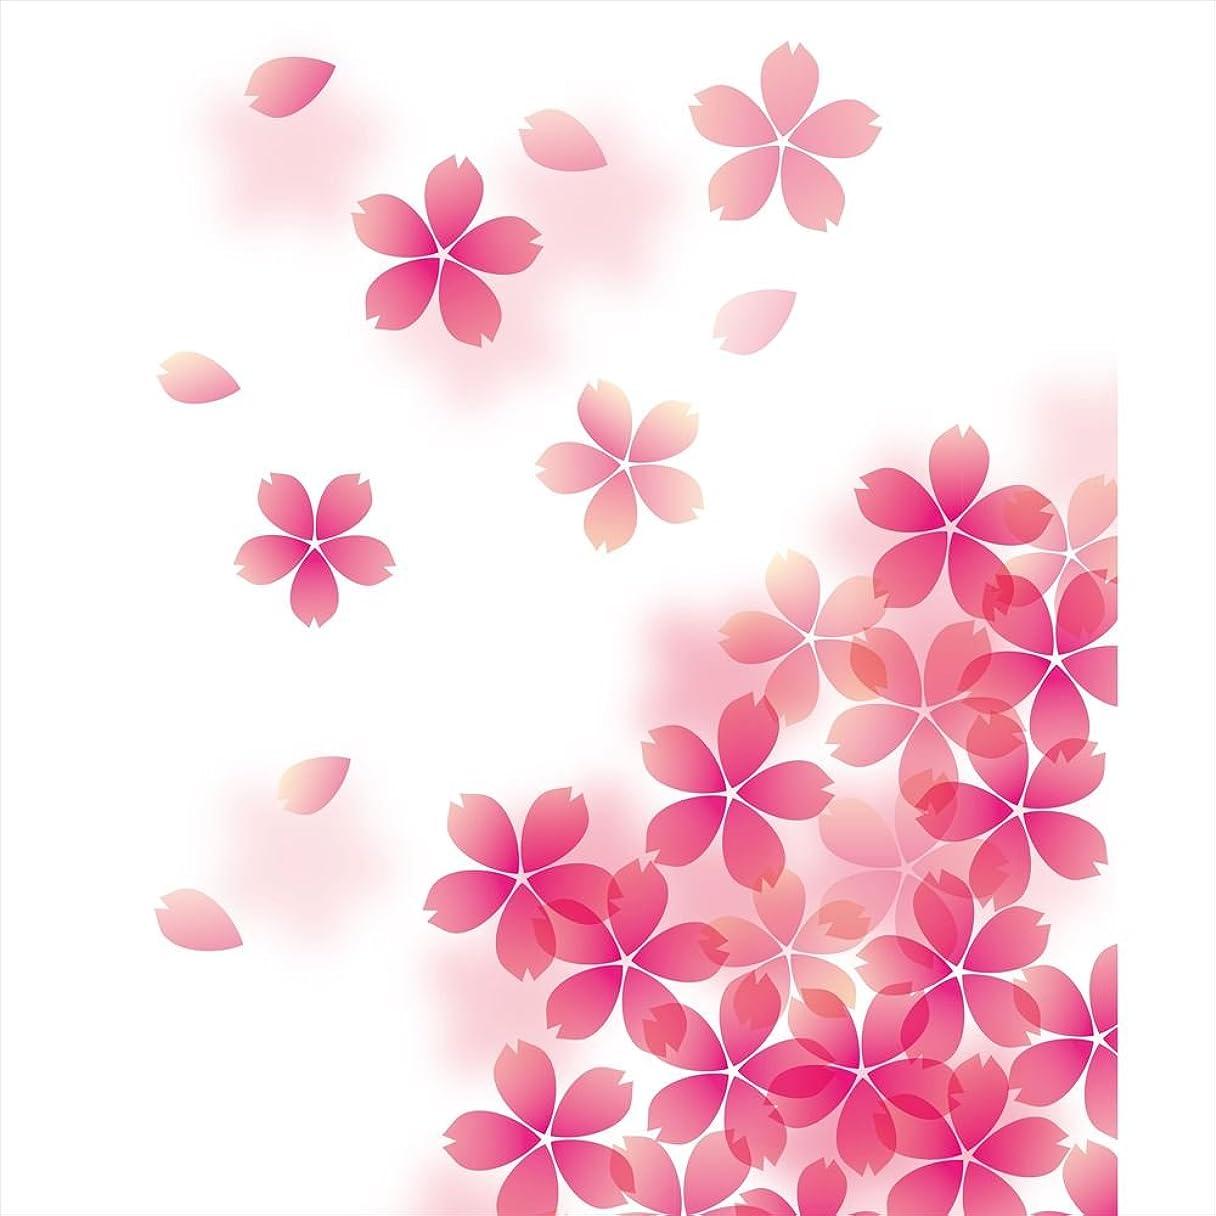 対人トラクター振るウォールステッカー 飾り 90×90cm シール式 装飾 おしゃれ 壁紙 はがせる 剥がせる カッティングシート wall sticker 雑貨 ガラス 窓 DIY プチリフォーム パーティー イベント 賃貸 フラワー 桜 さくら ピンク 000257